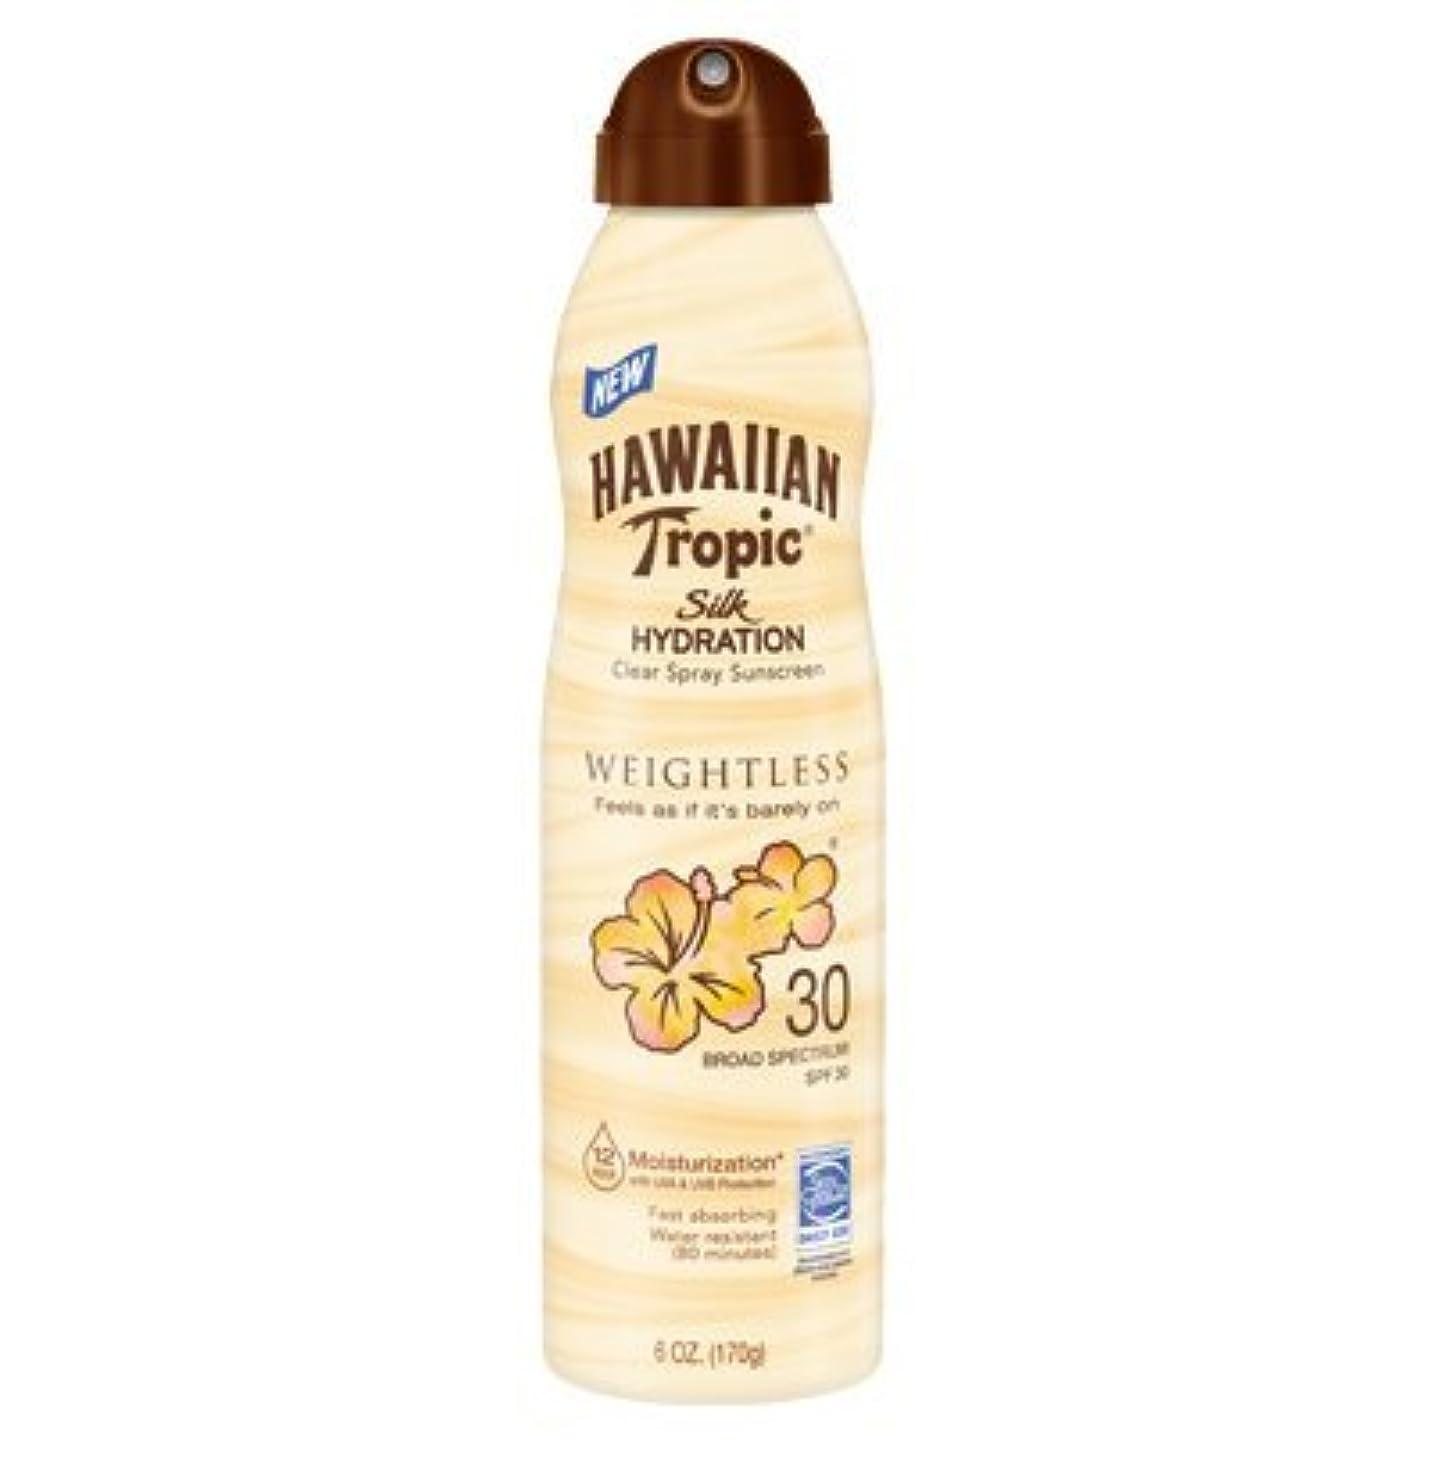 延期する吸うサンダース【海外直送】ハワイアントロピック 12時間持続 日焼け止めミスト SPF30 (177ml) Hawaiian Tropic Silk Hydration Clear Mist Spray Sunscreen SPF 30, 6 fl oz